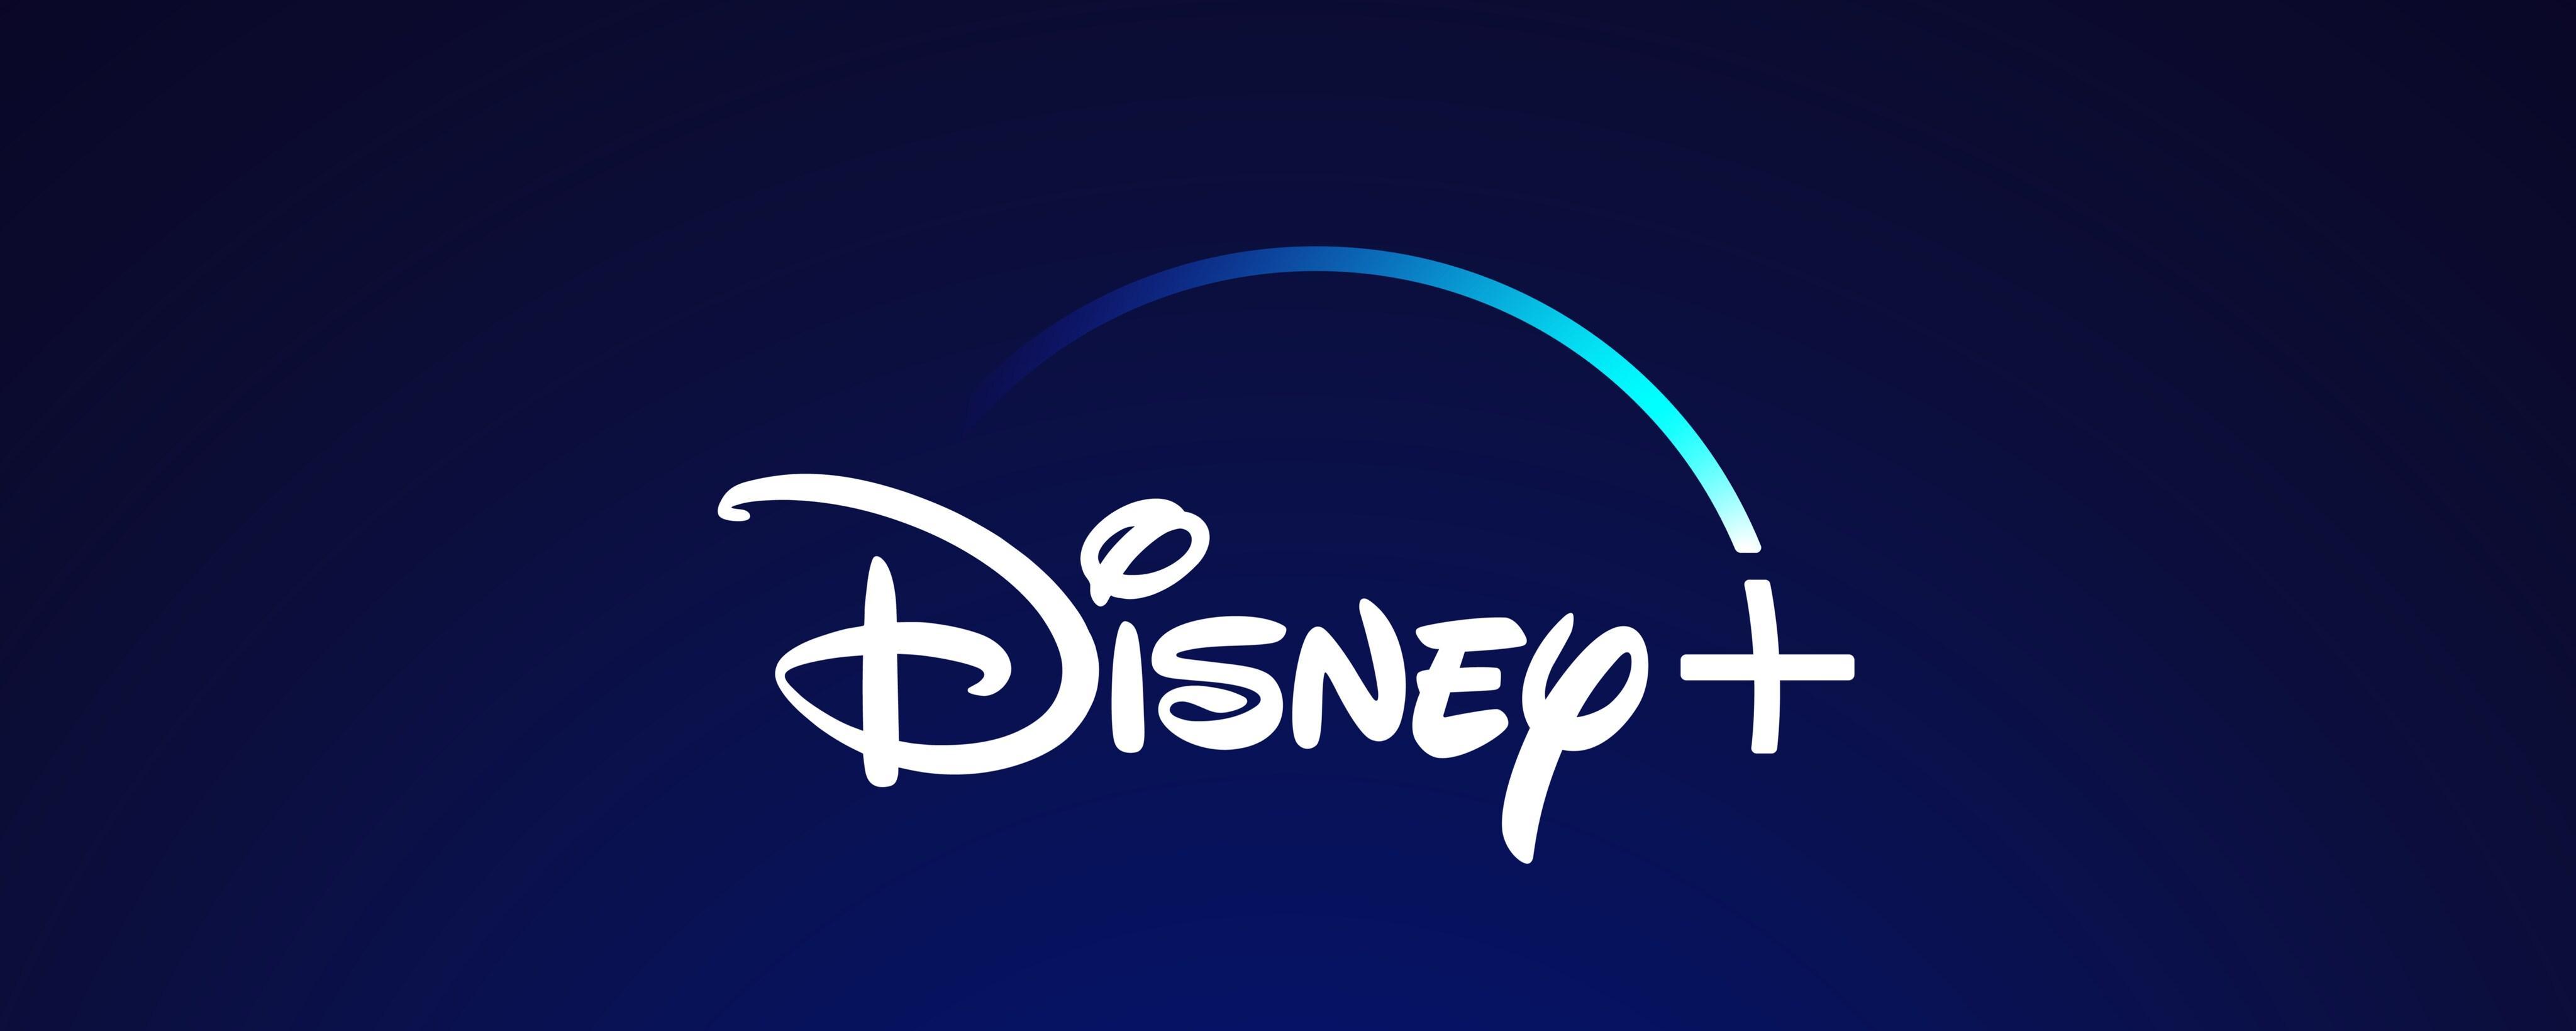 Disney+ Milestone